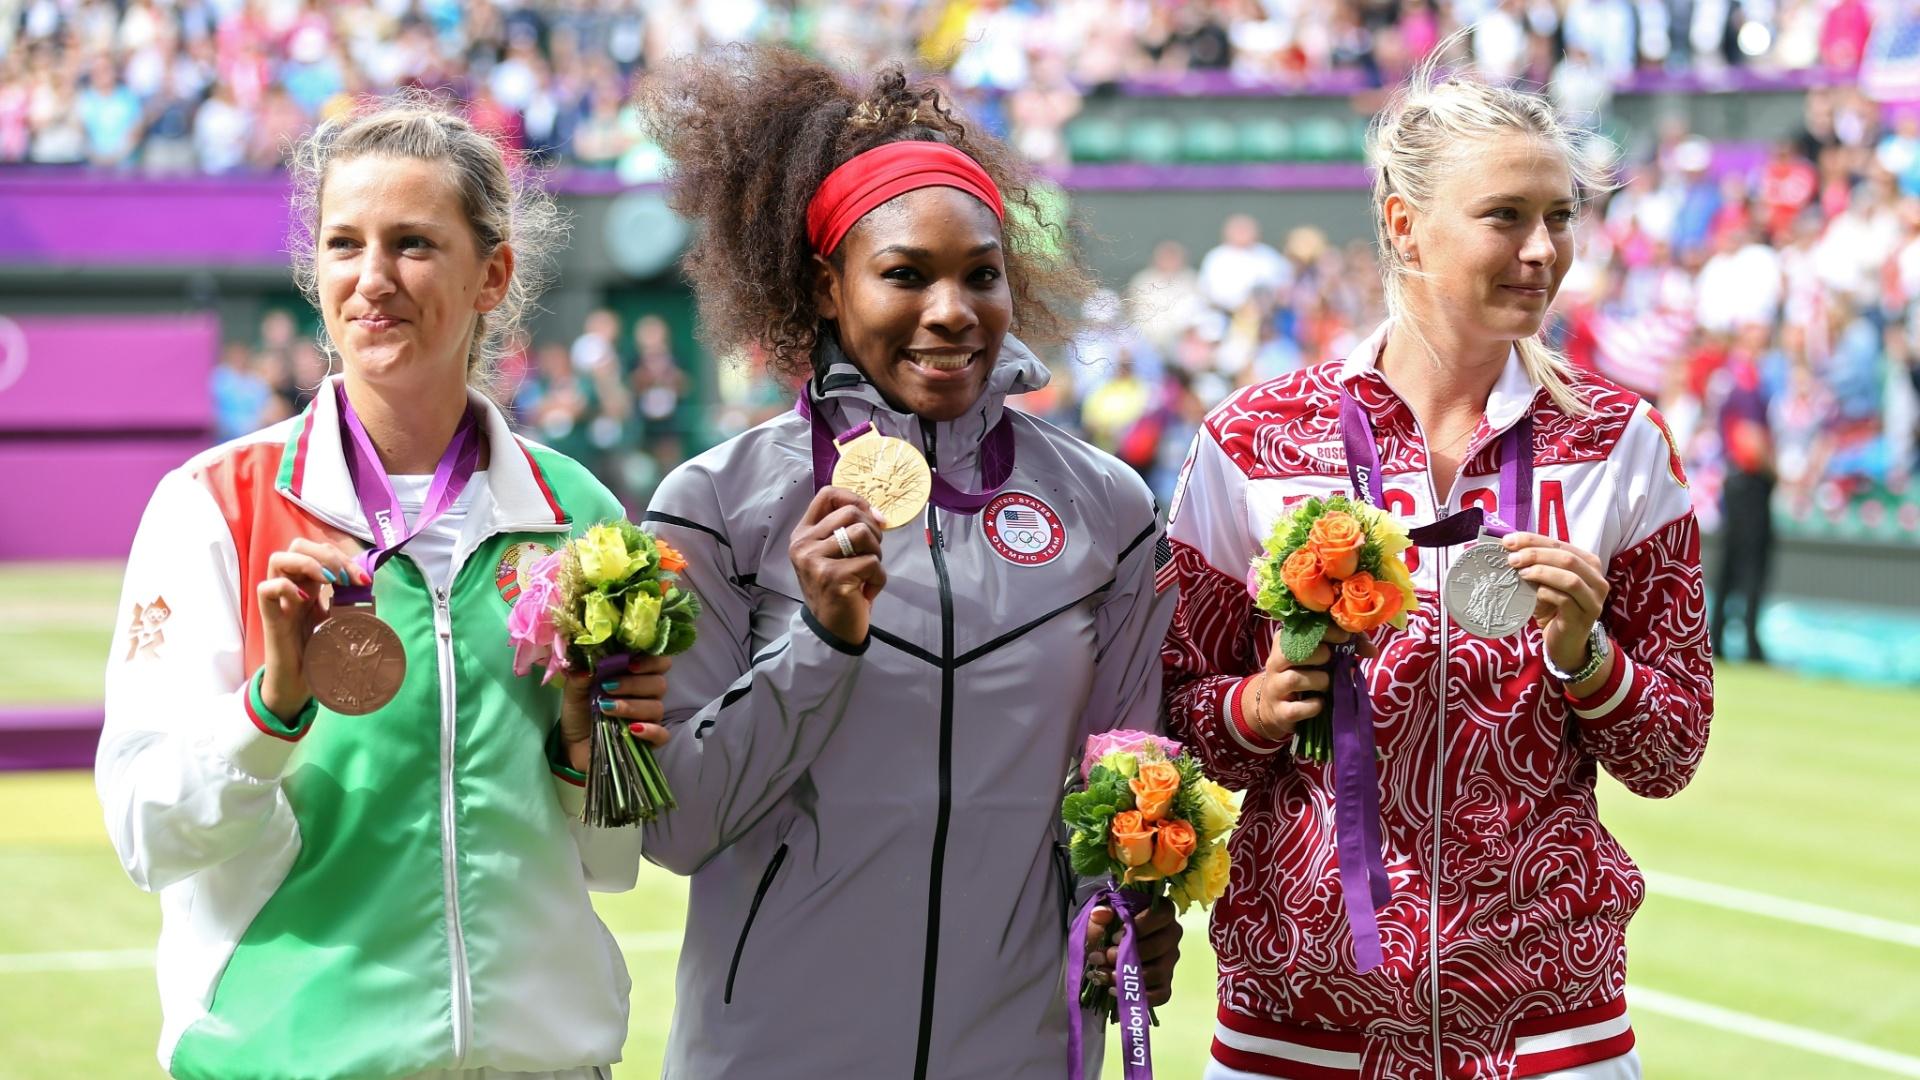 Victoria Azarenka (e), Serena Williams (c) e Maria Sharapova mostram as medalhas de bronze, ouro e prata conquistadas por elas no tênis olímpico (04/08/2012)